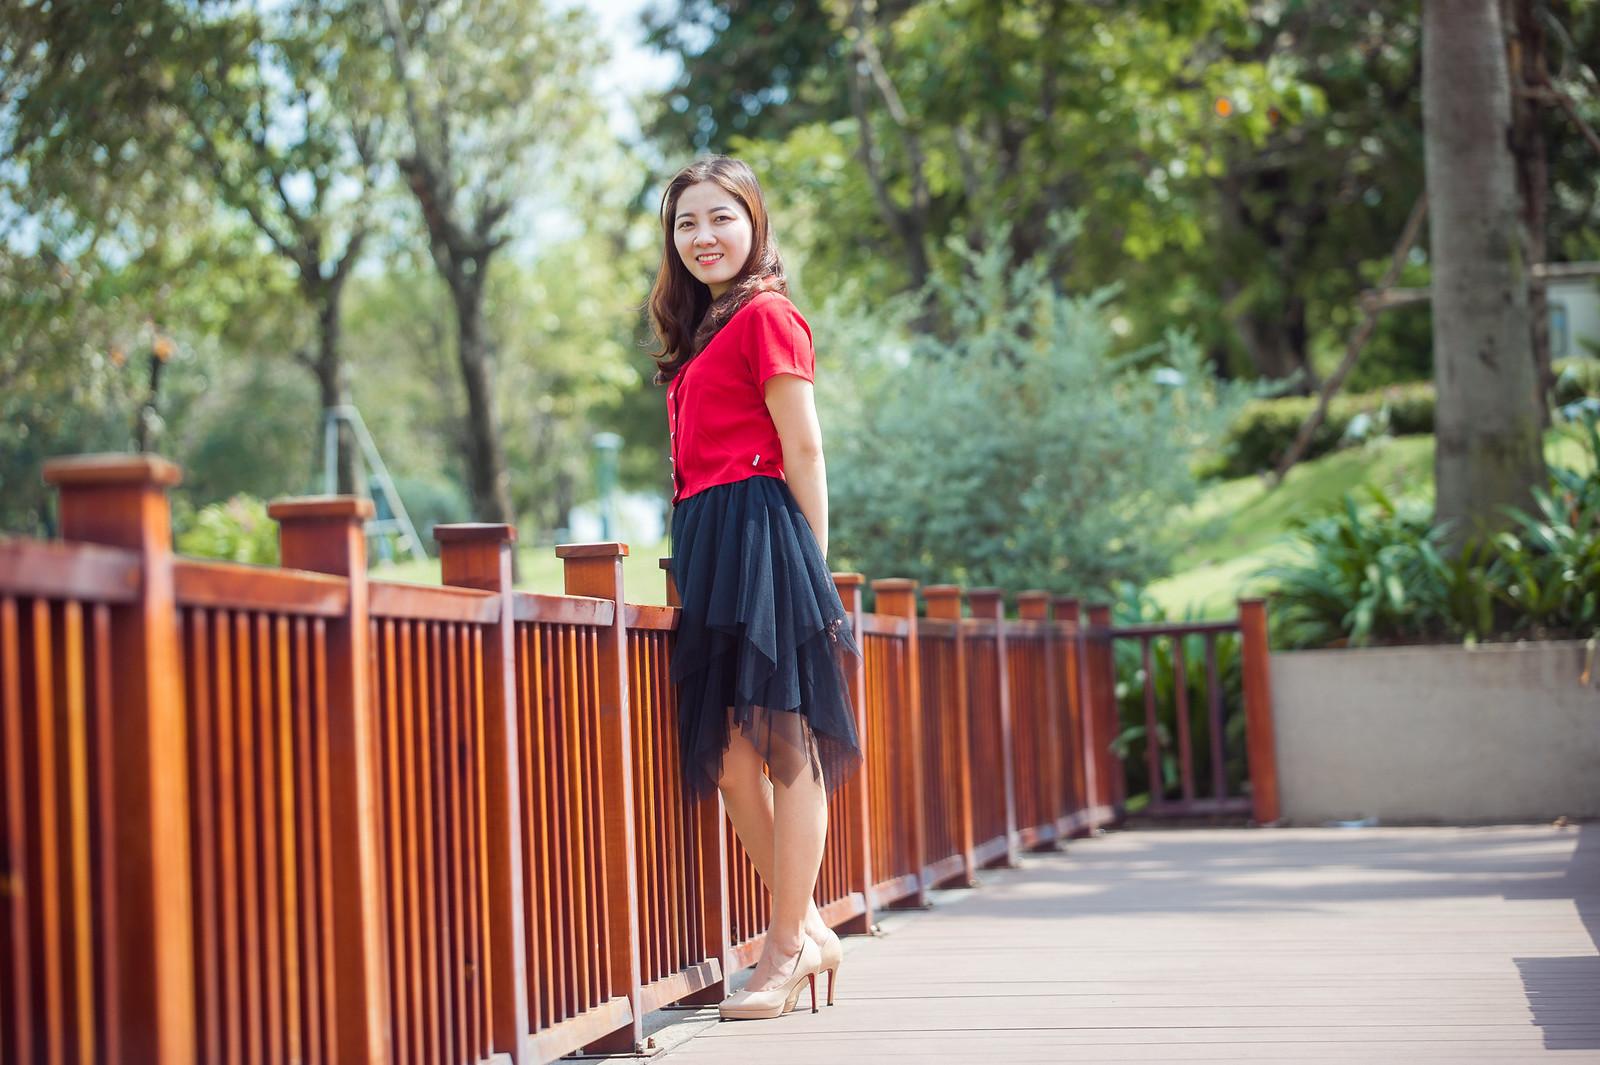 48891914757 b1711e783e h - Album chụp hình nghệ thuật tại công viên Vinhome Central Park